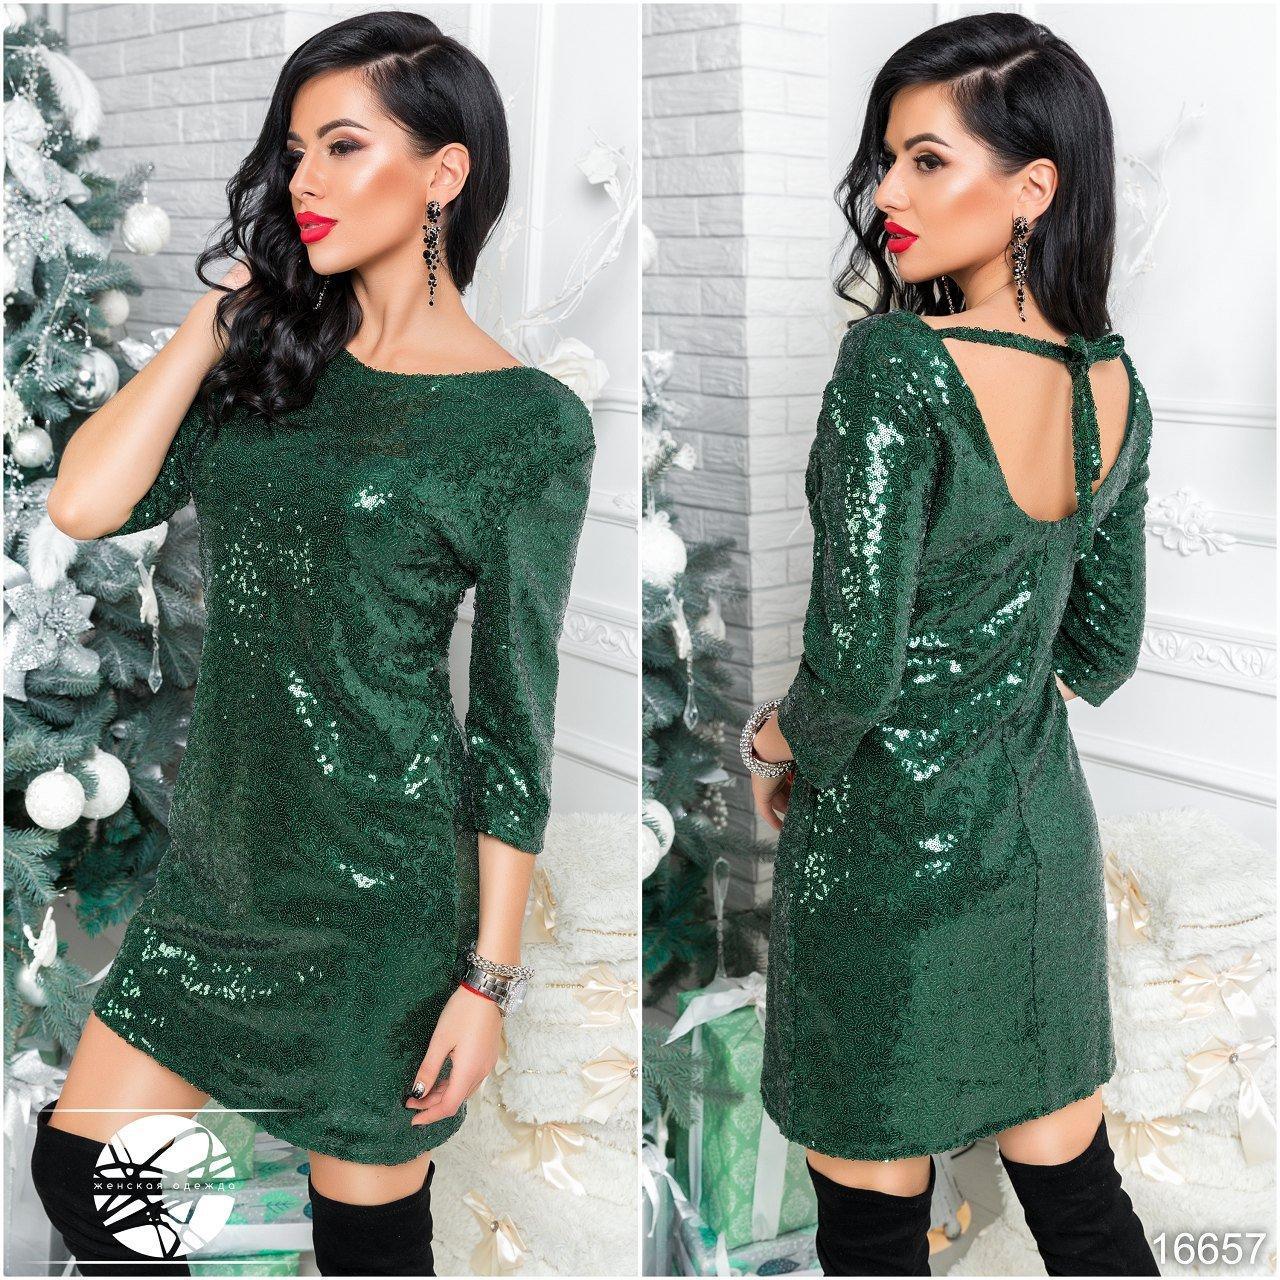 588e856cc8c72c9 Вечернее платье с пайетками зеленого цвета. Модель 16657. Размеры 42-46 -  Irse